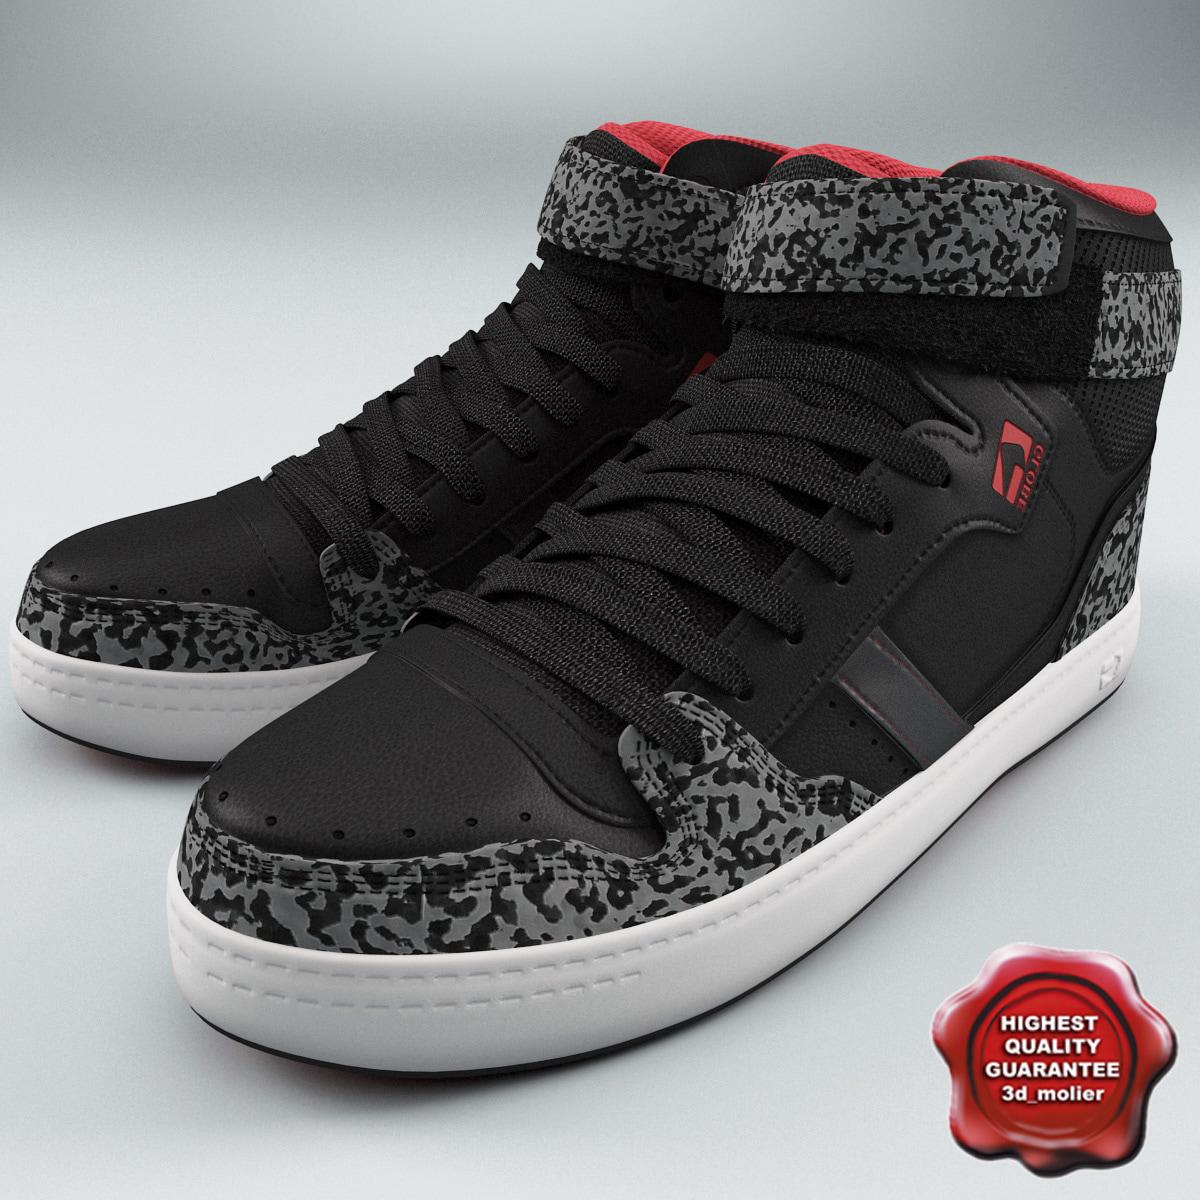 Skate_Shoe_Globe_Vulcan_00.jpg